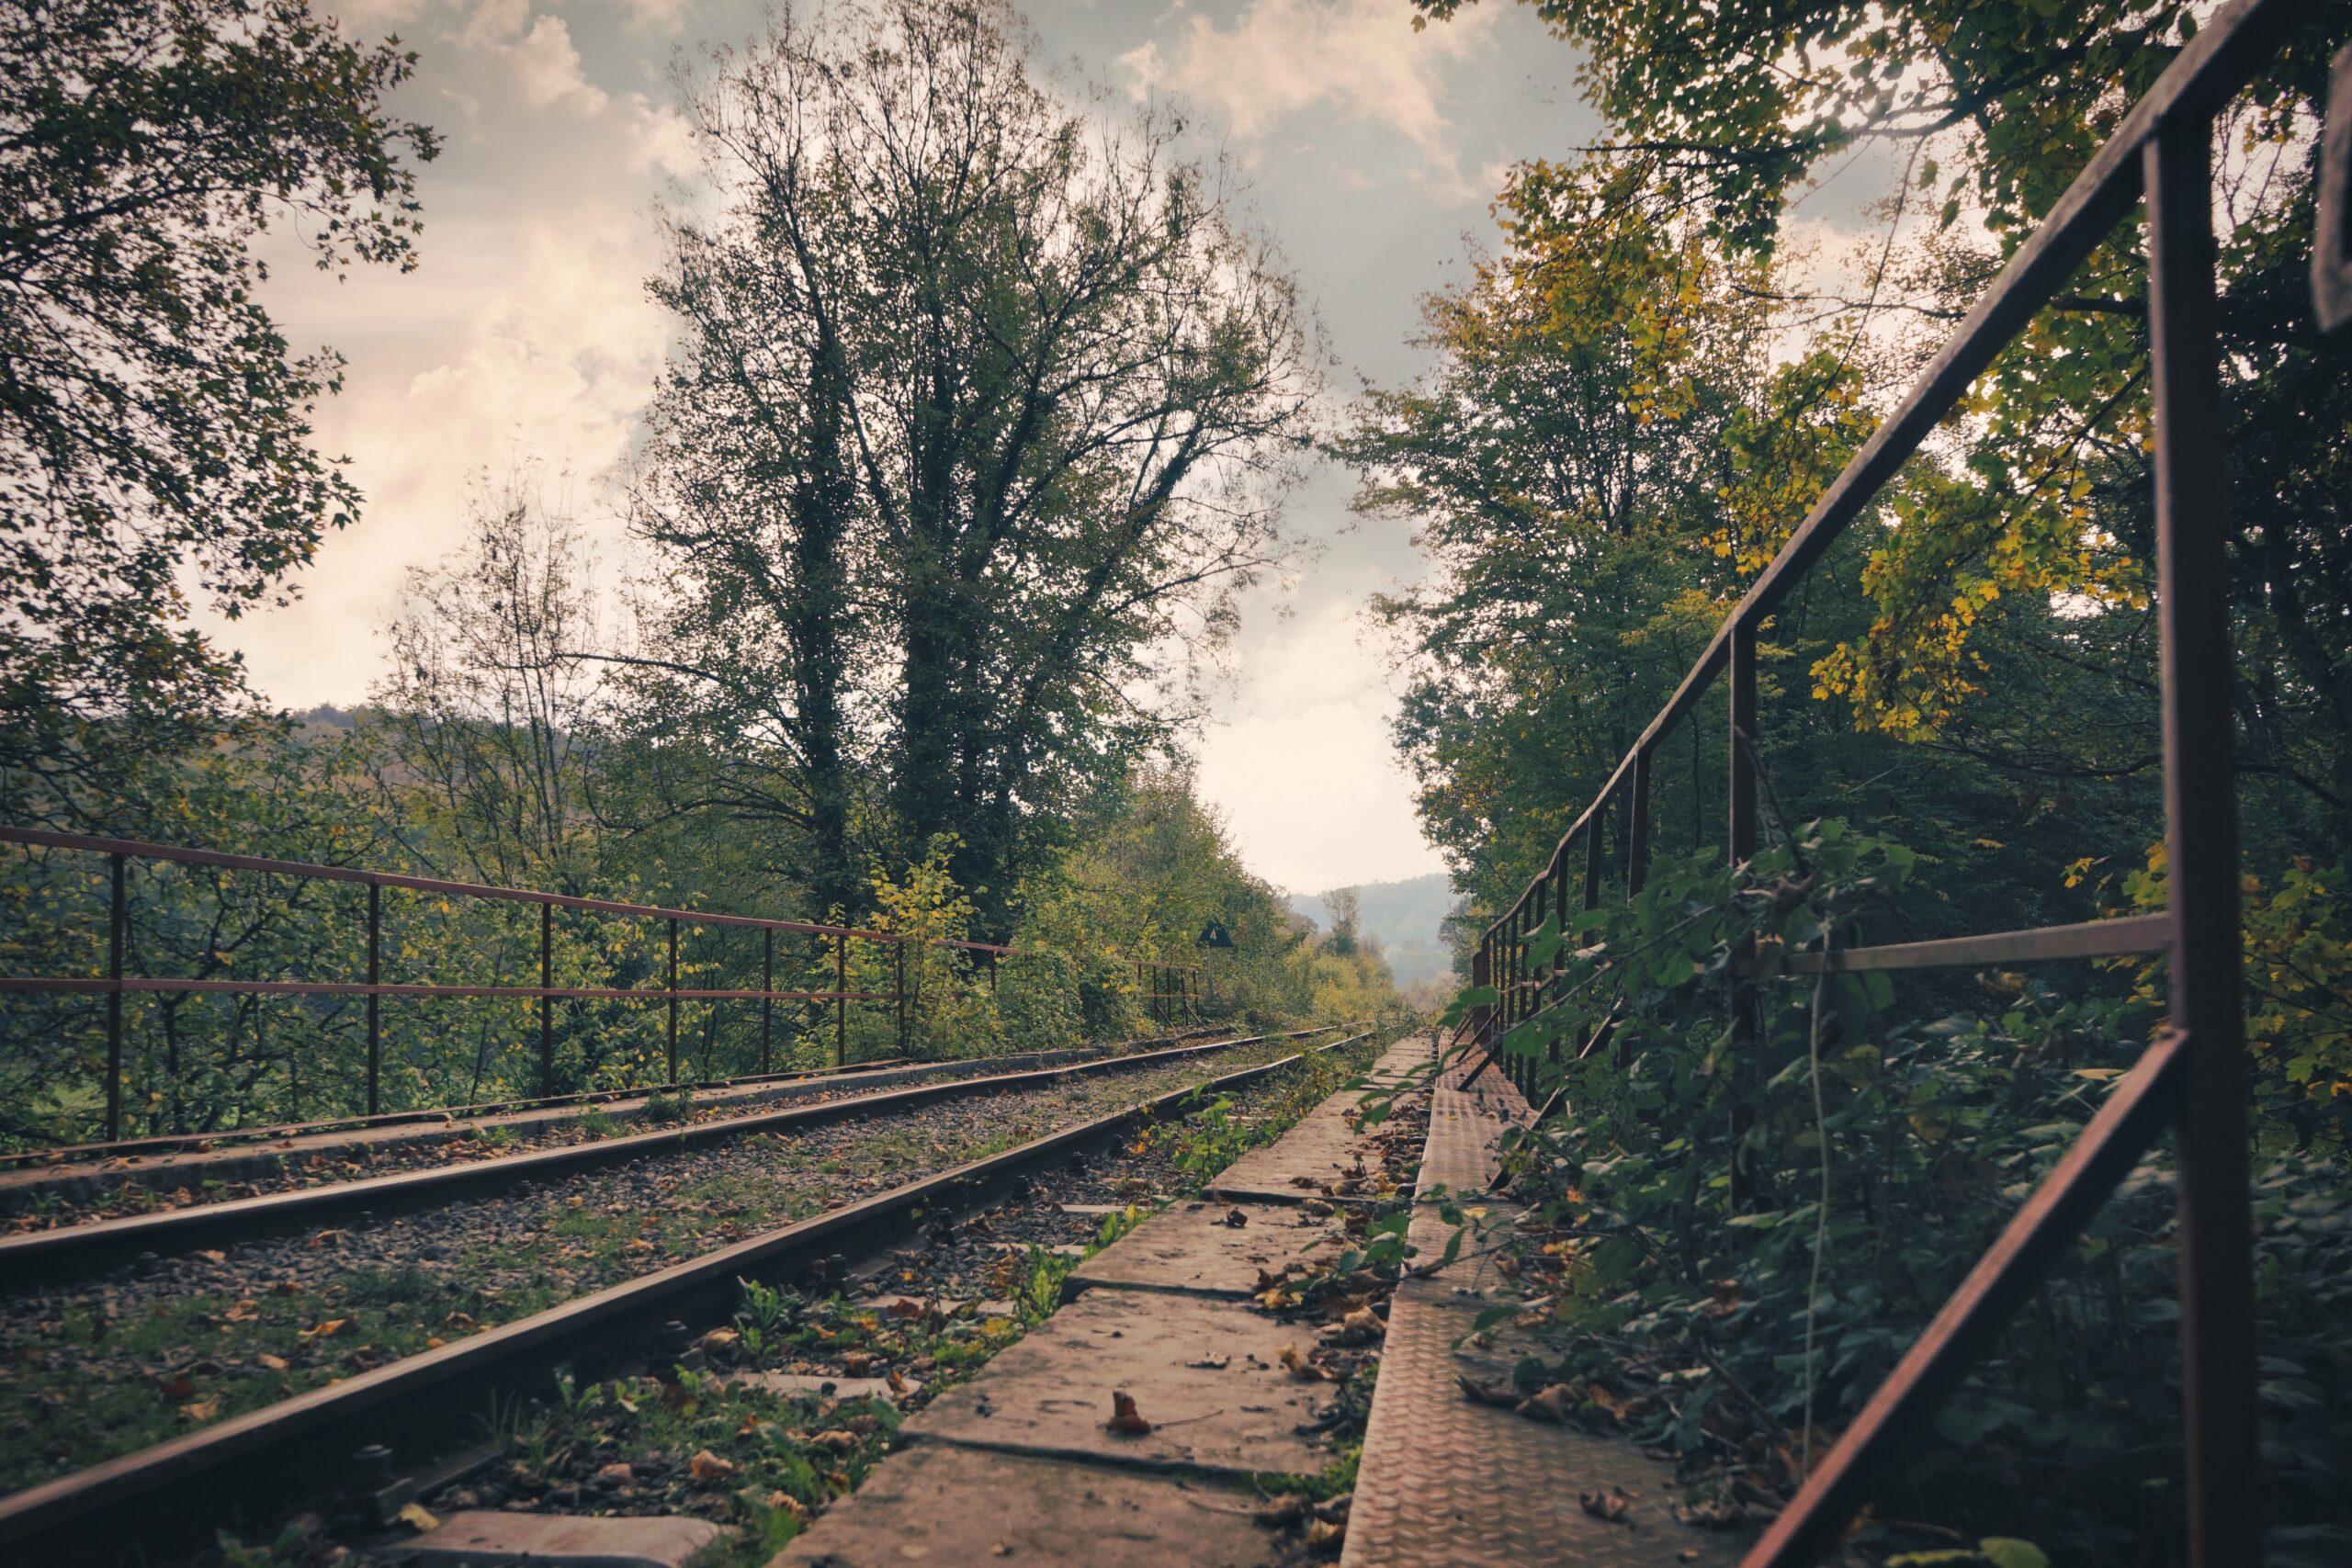 Fotogenieke spoorwegbrug Nismes